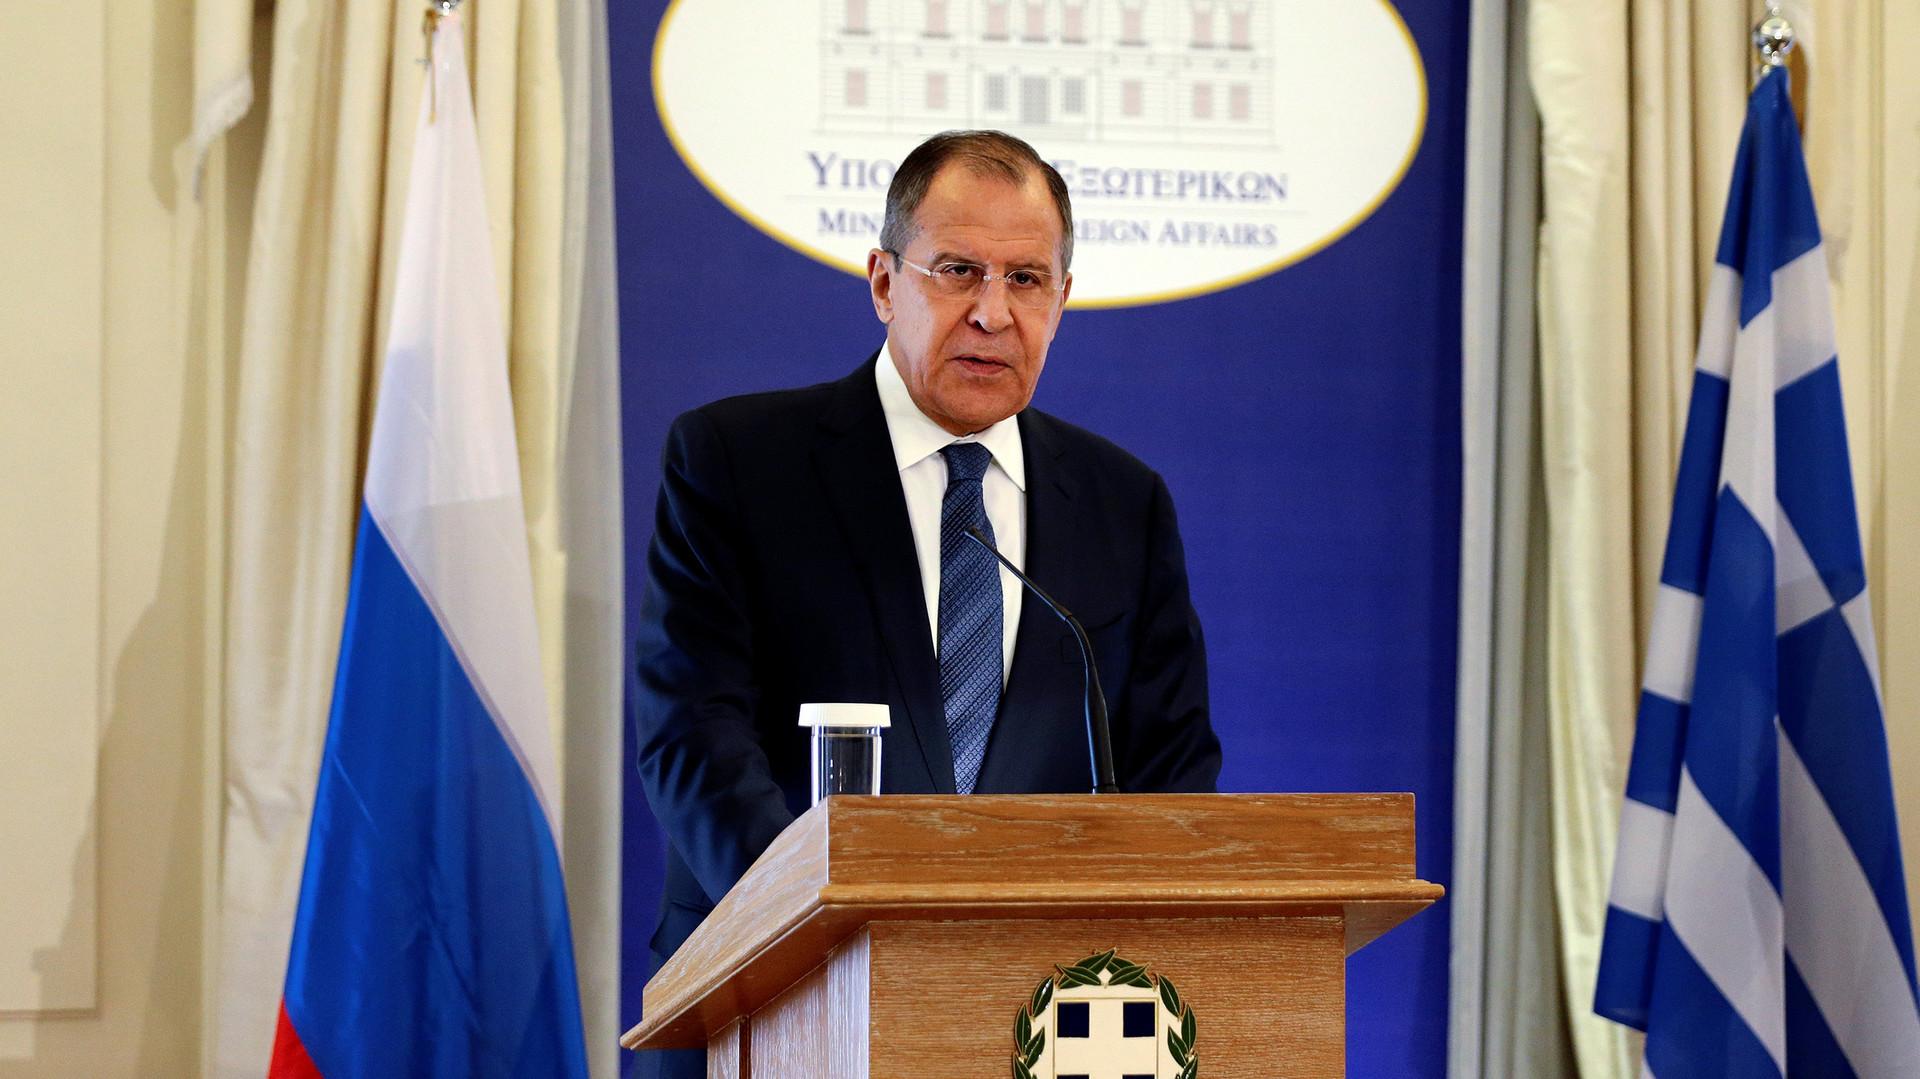 Есть контакт: Лавров рассказал о переговорах с США по Сирии